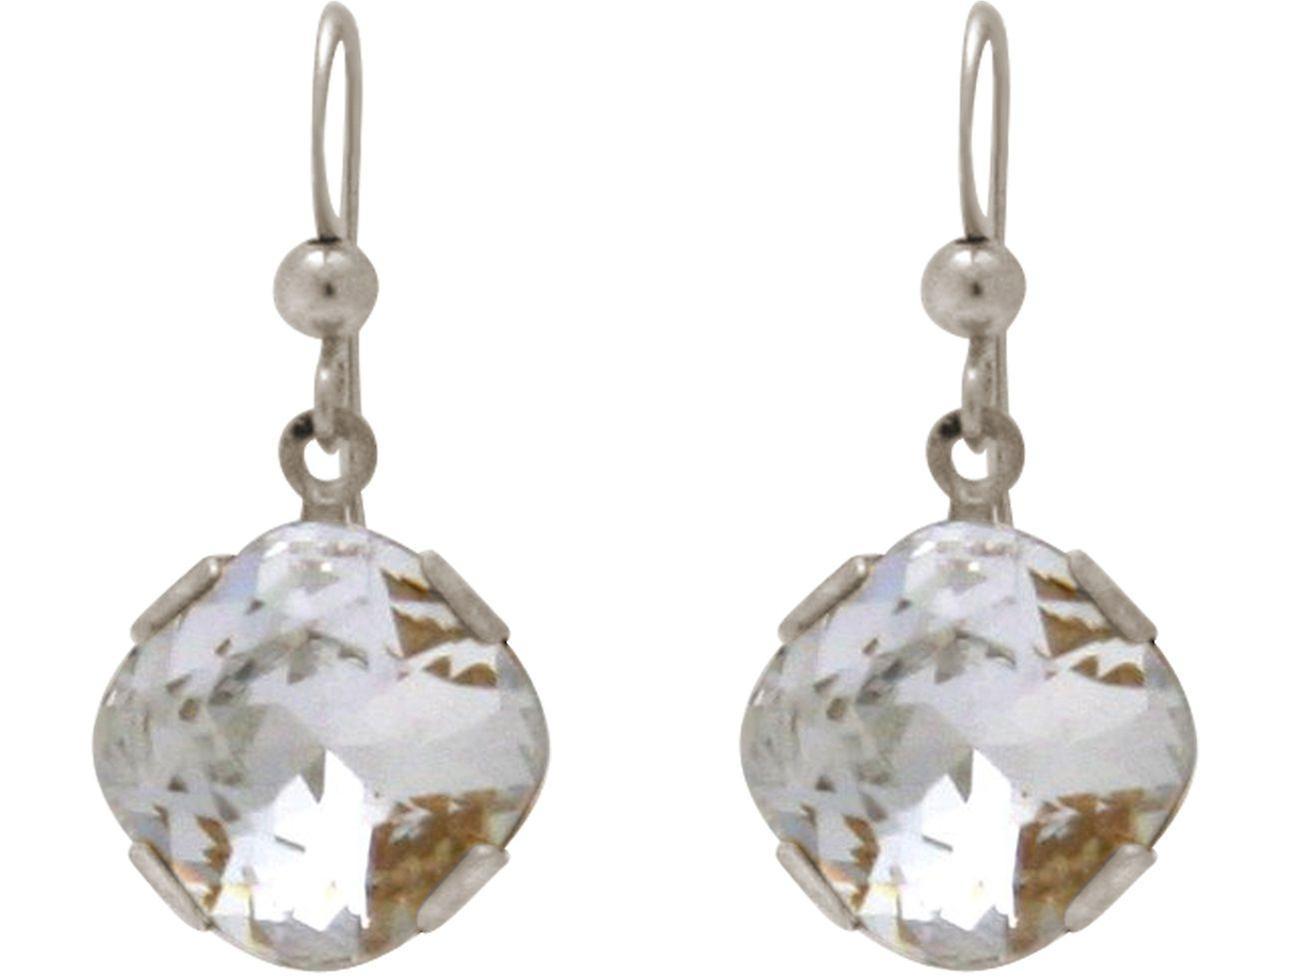 Gemshine femmes Ohrbaguee mit Kristallen MADE WITH SWAROVSKI ELEHommesTS. boucles d'oreilles aus argent oder hochwertig veroret - Nachhaltiger, qualitätsvoller Schmuck